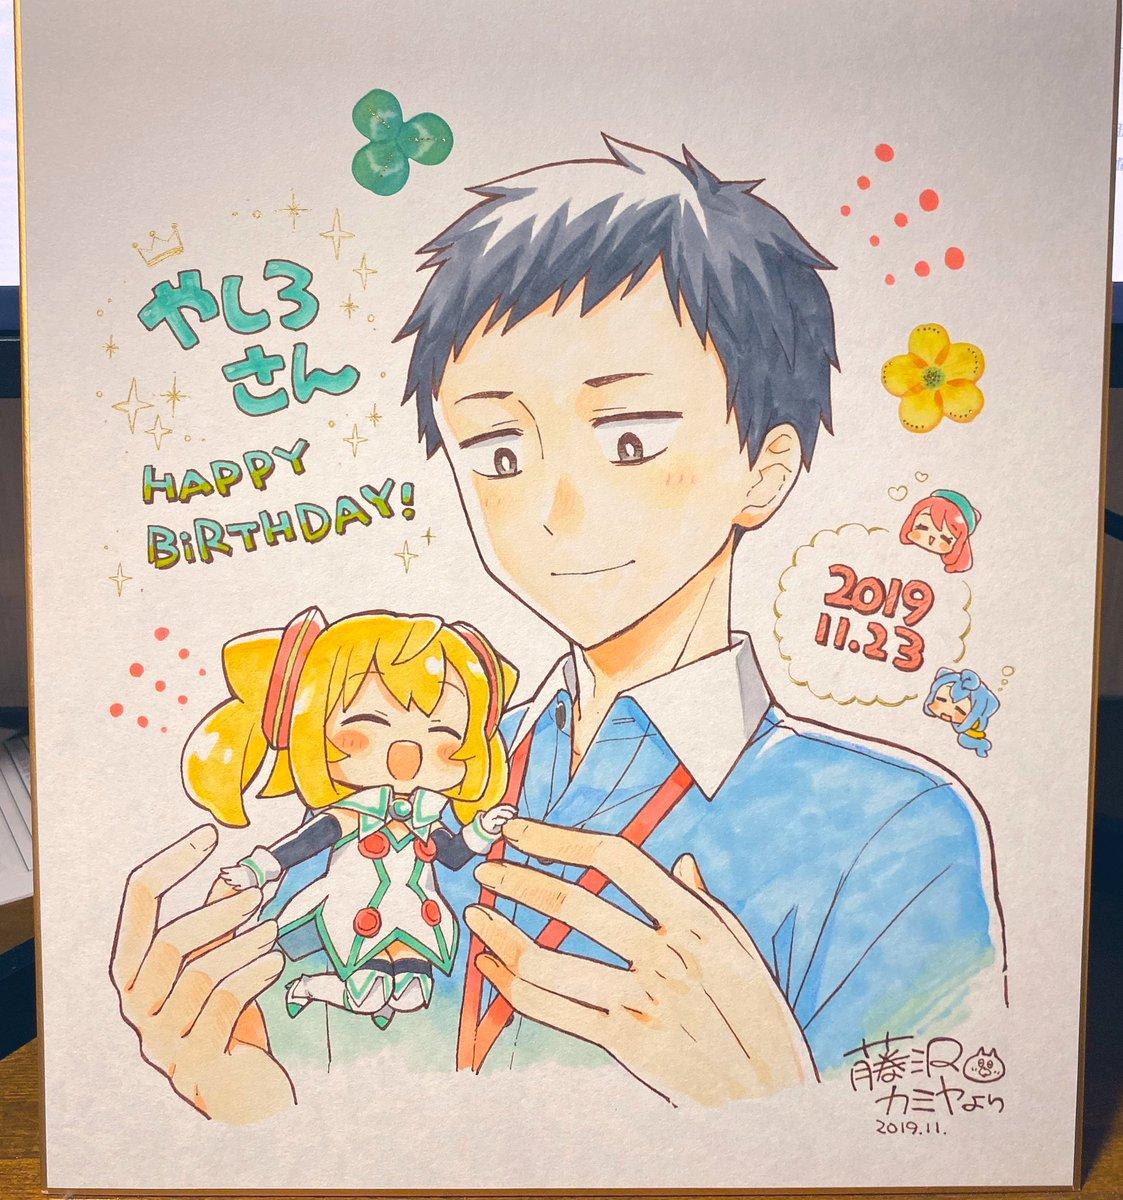 藤沢カミヤ(@kami8san )先生から誕生日祝いの色紙を頂いて数十秒間「あぎゃ!!」しか言えない状態になってしまった〜〜〜〜😭😭😭😭😭😭😭😭😭😭😭😭😭😭😭😭😭😭😭ありがとうございます〜!!!家宝です!!目立つところに飾ります!!!!!!あぎゃ!!